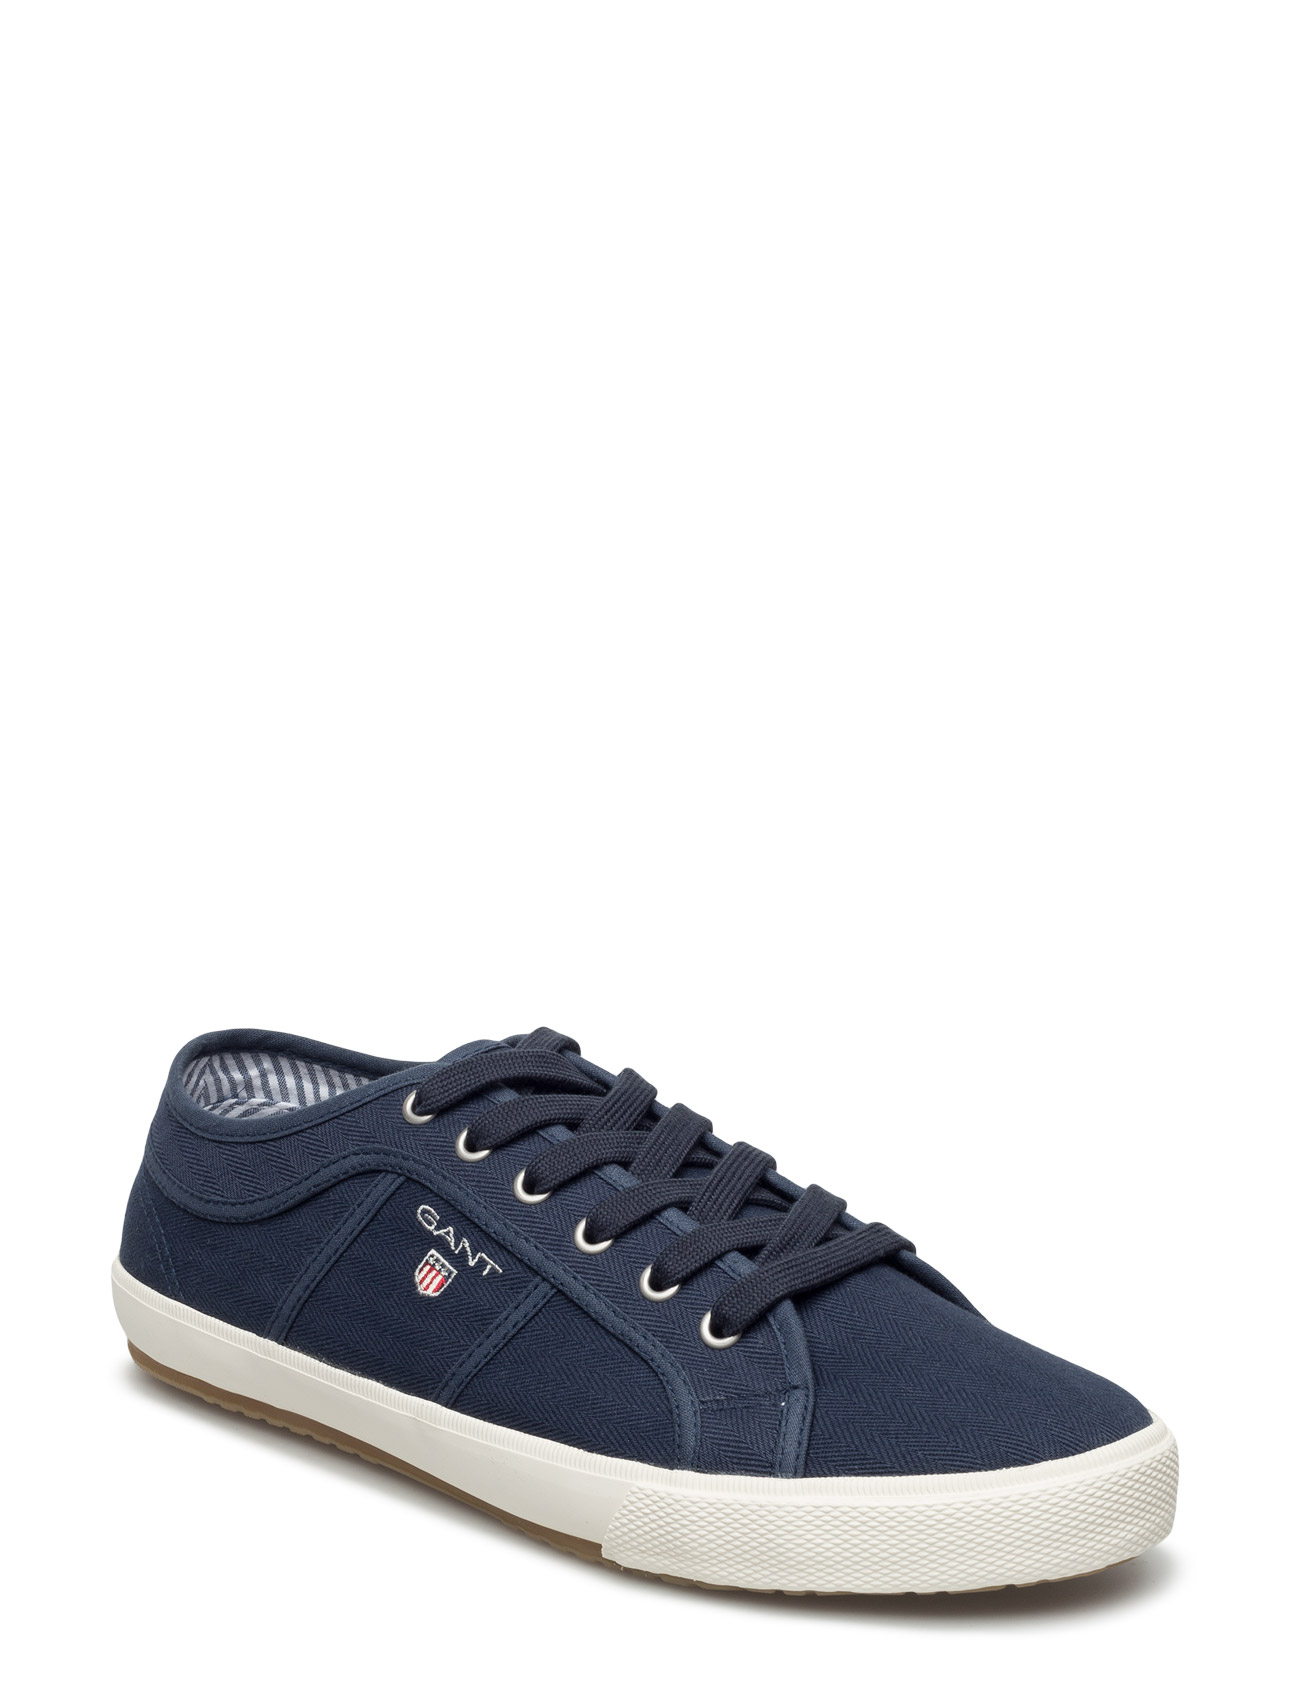 Samuel Sneaker GANT Sneakers til Herrer i Marine blå